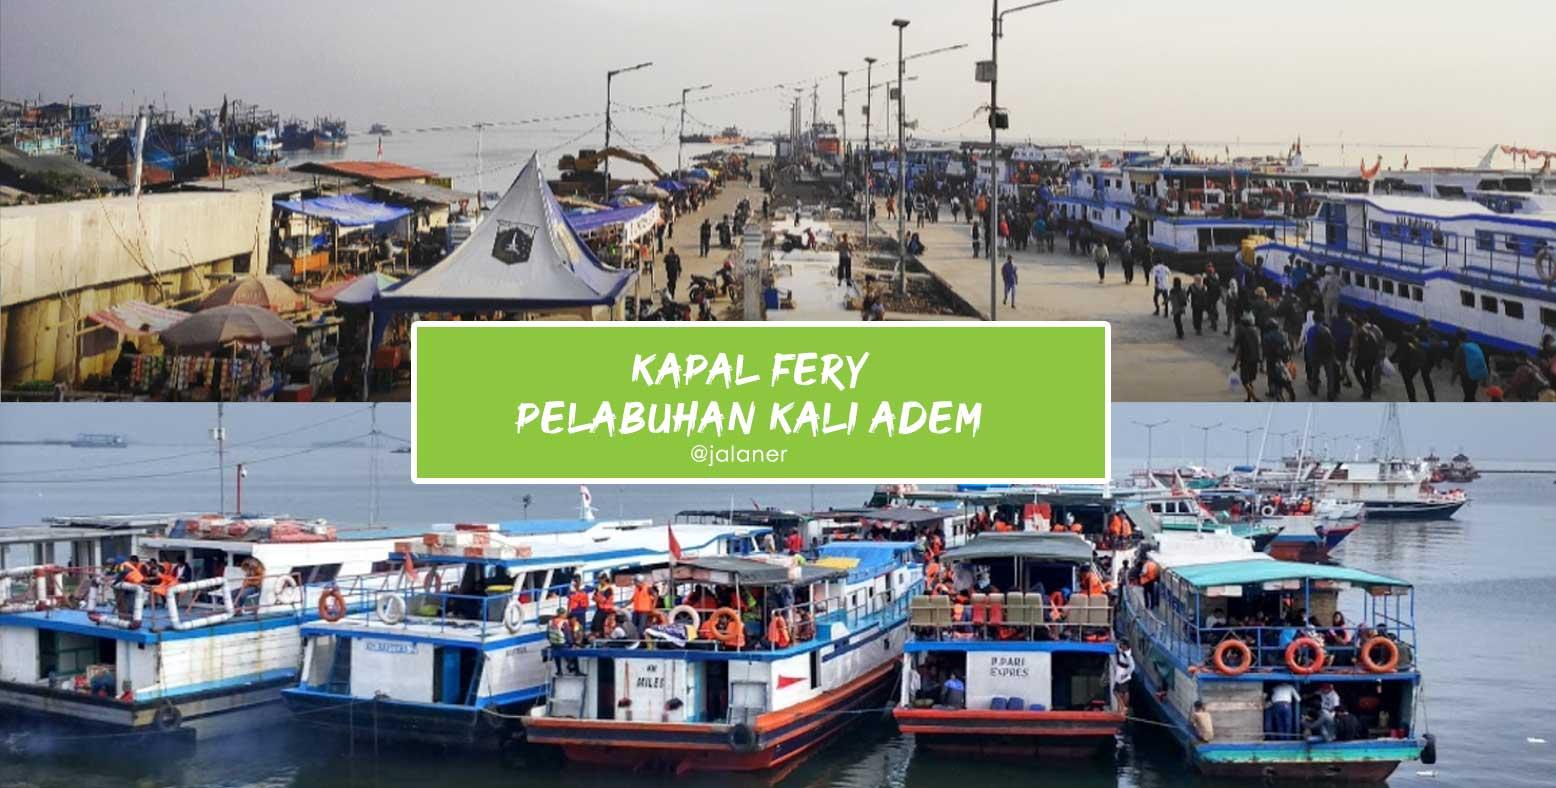 Pelabuhan Kali Adem Muara angke